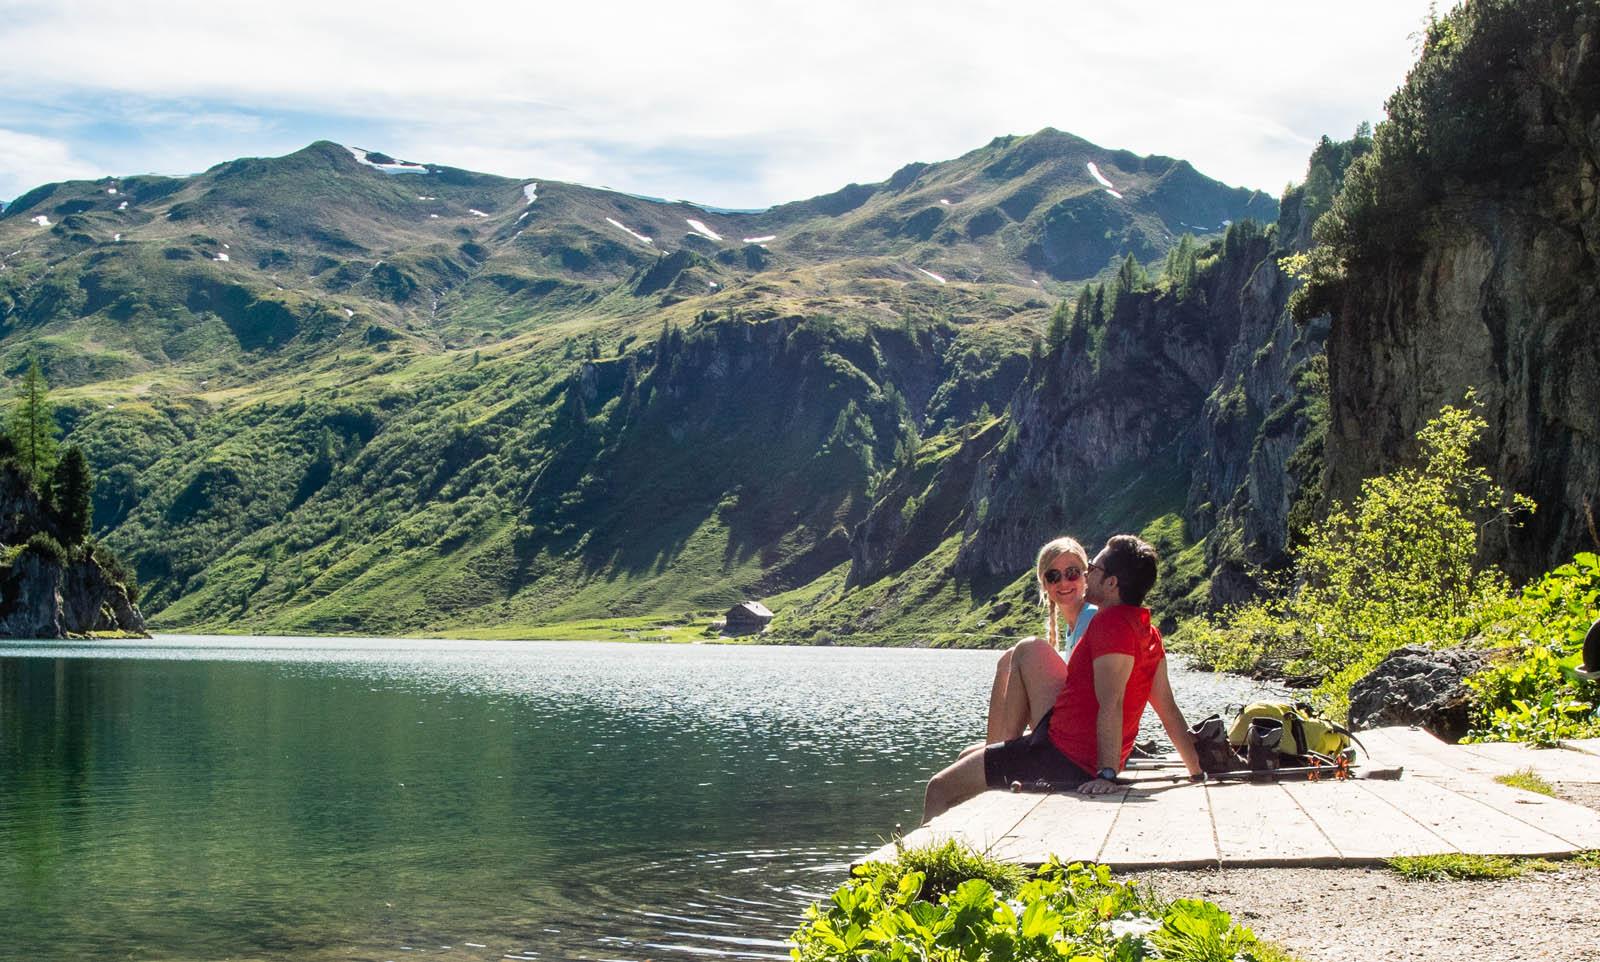 Aussicht hoch 2 auf der Wanderung zum Tappenkarsee blogHuette.at image 4